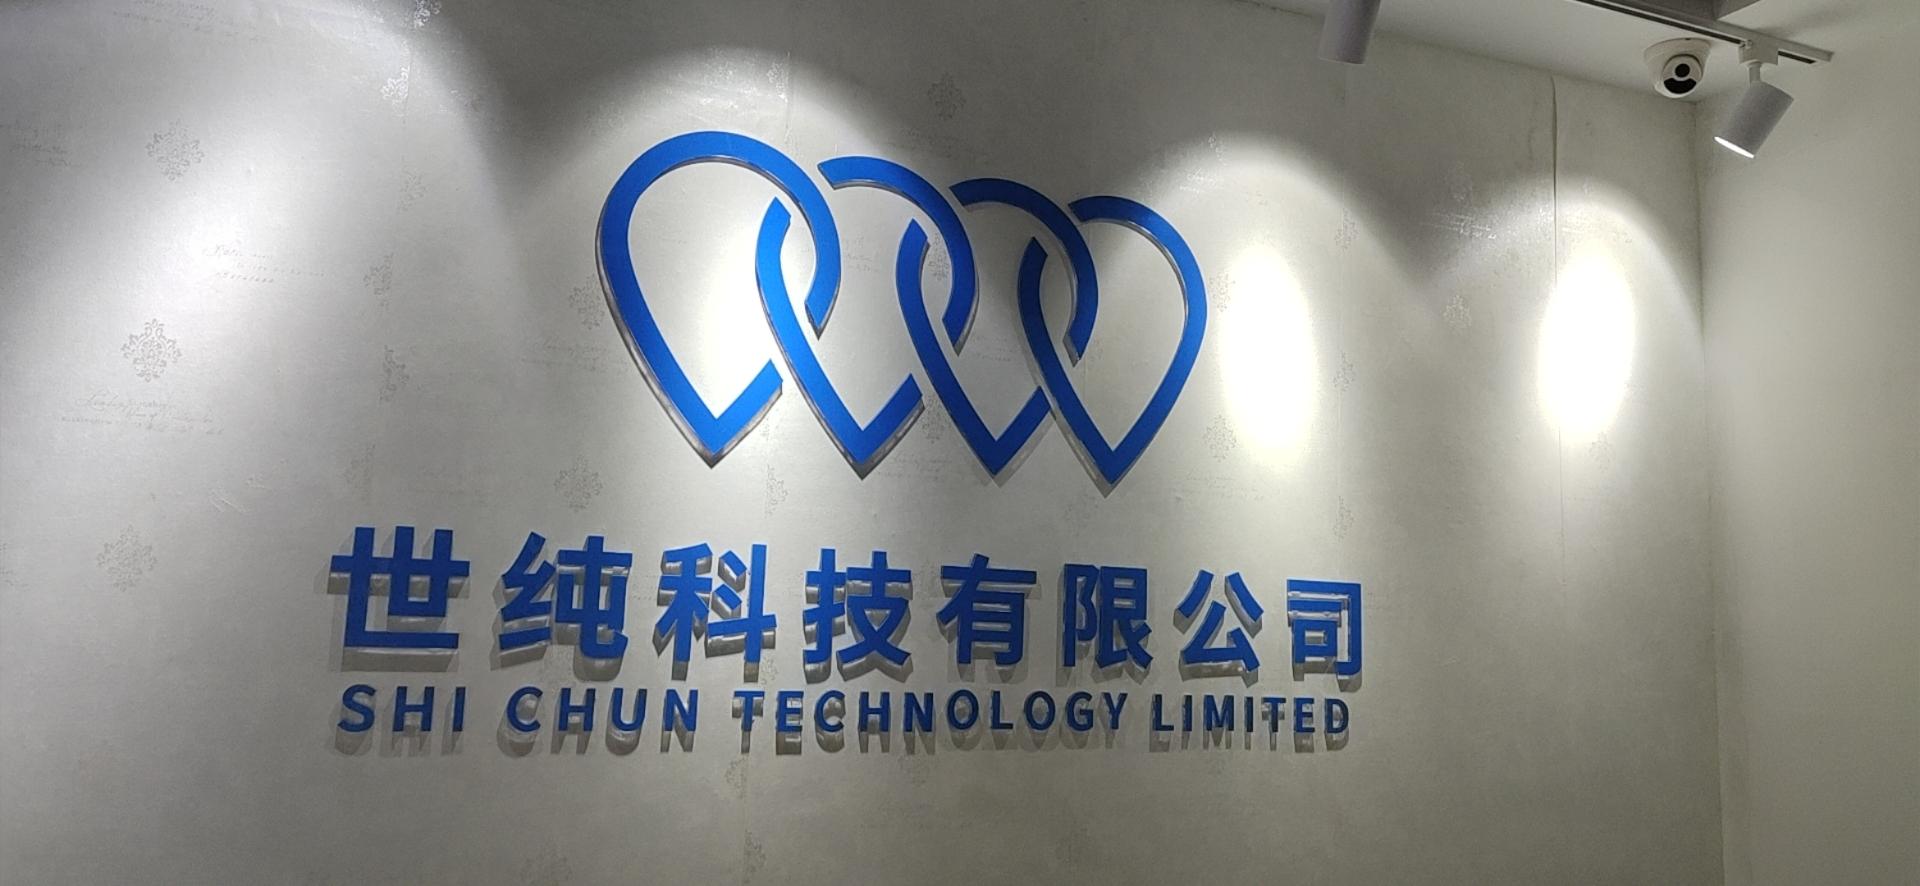 黑龍江省世純科技有限公司